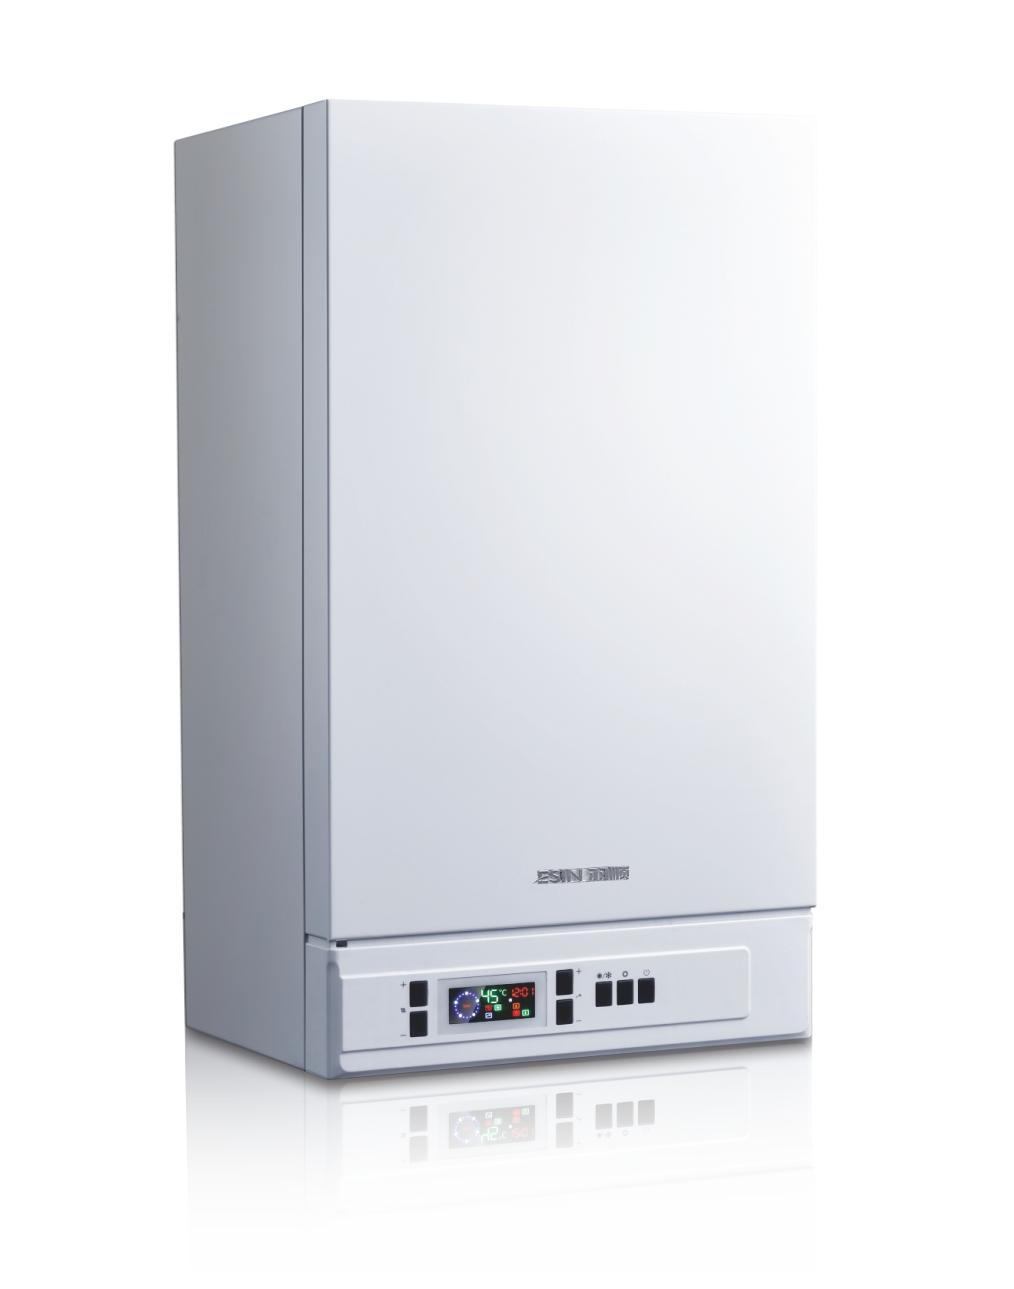 悦度系列ES08A壁挂炉 机身尺寸:740×420×320mm